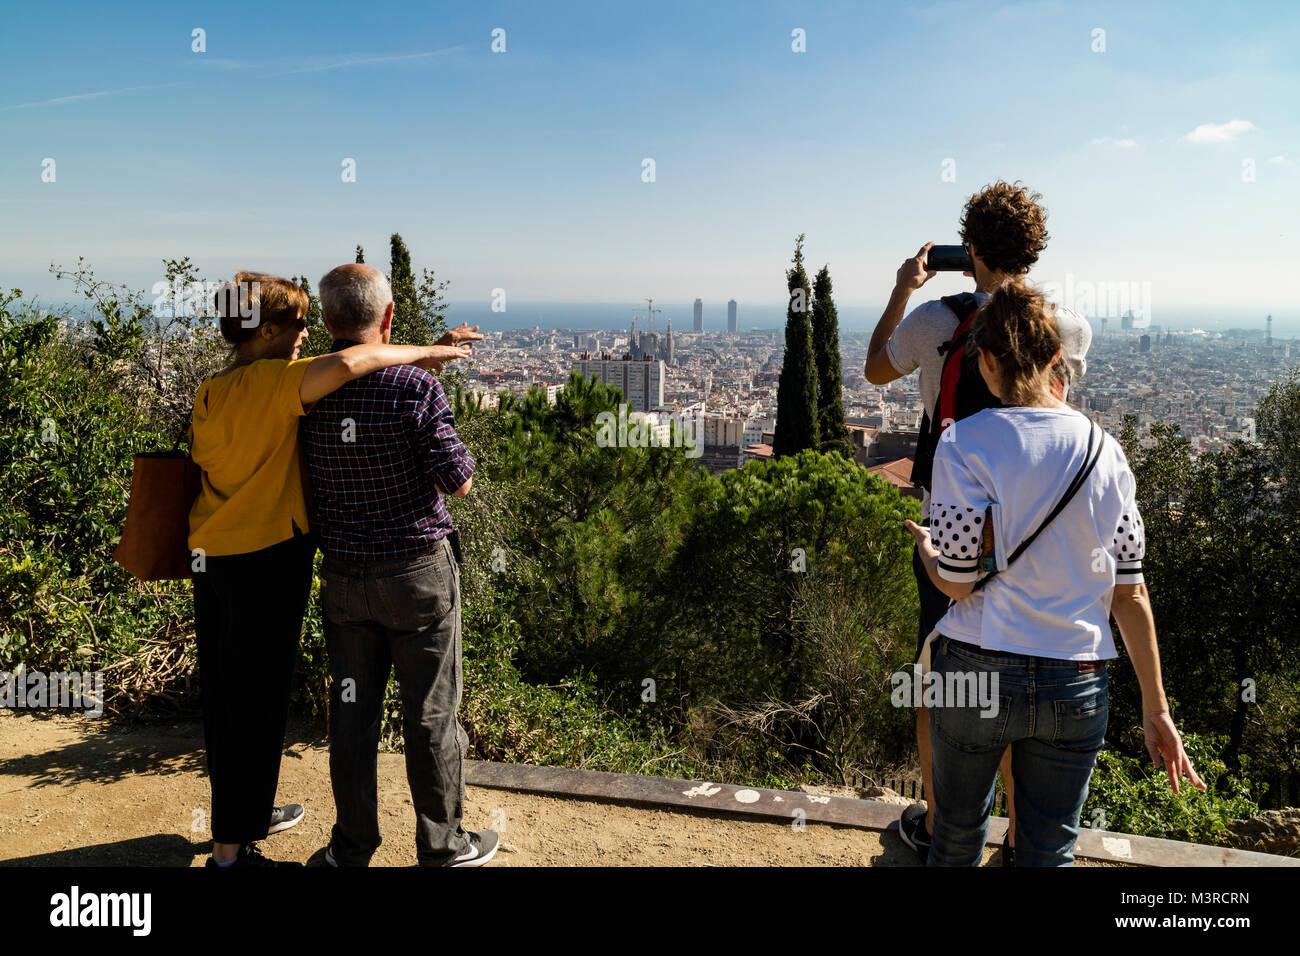 Barcelona, Katalonien, Spanien, Blick vom Aussichtspunkt im Parc Güell auf Barcelona - Stock Image